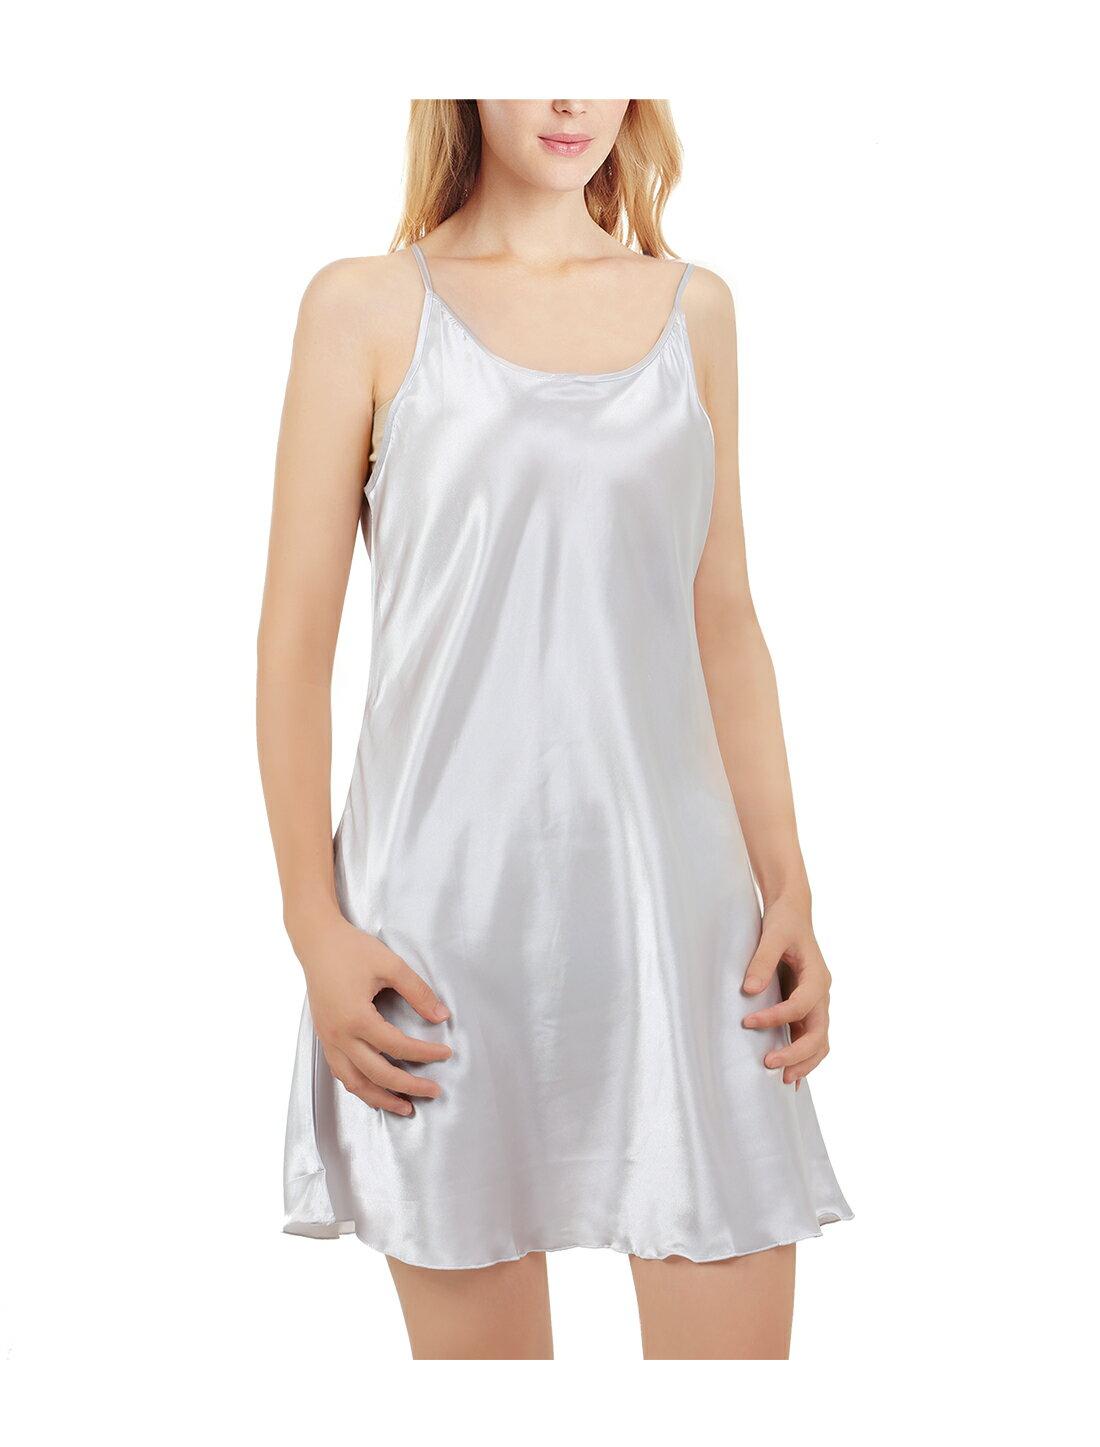 727275d61c5 Unique Bargains Women s Plus Size Silky Lotus Leaf Hem Slip Basic Dress  Nightgown 0